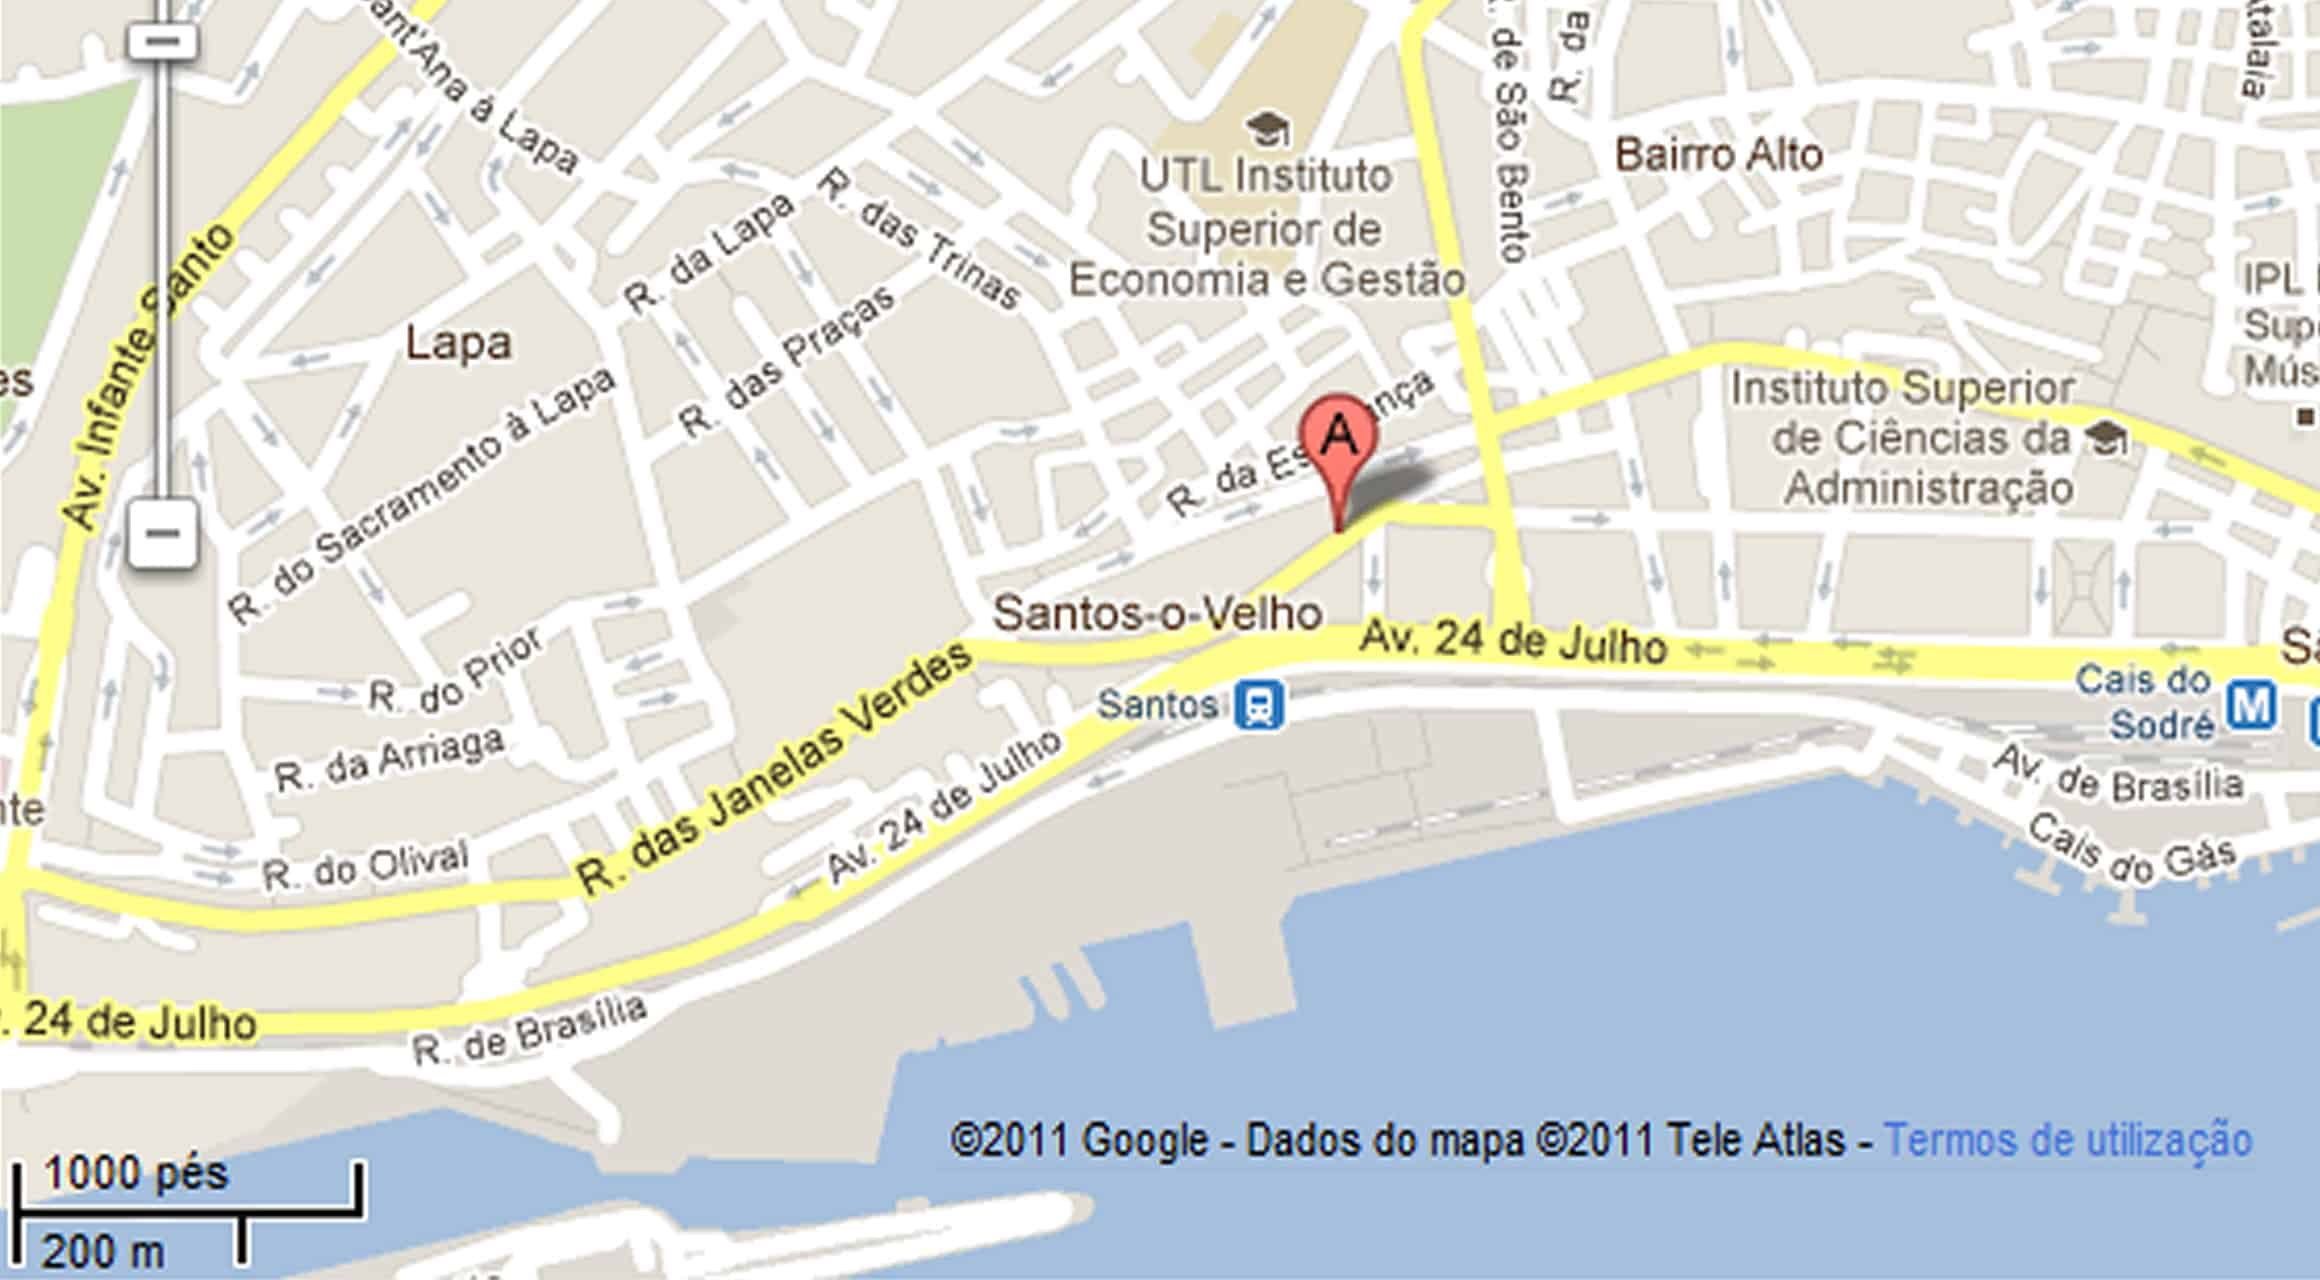 mapa lisboa google Google Maps modo offline mapa lisboa google